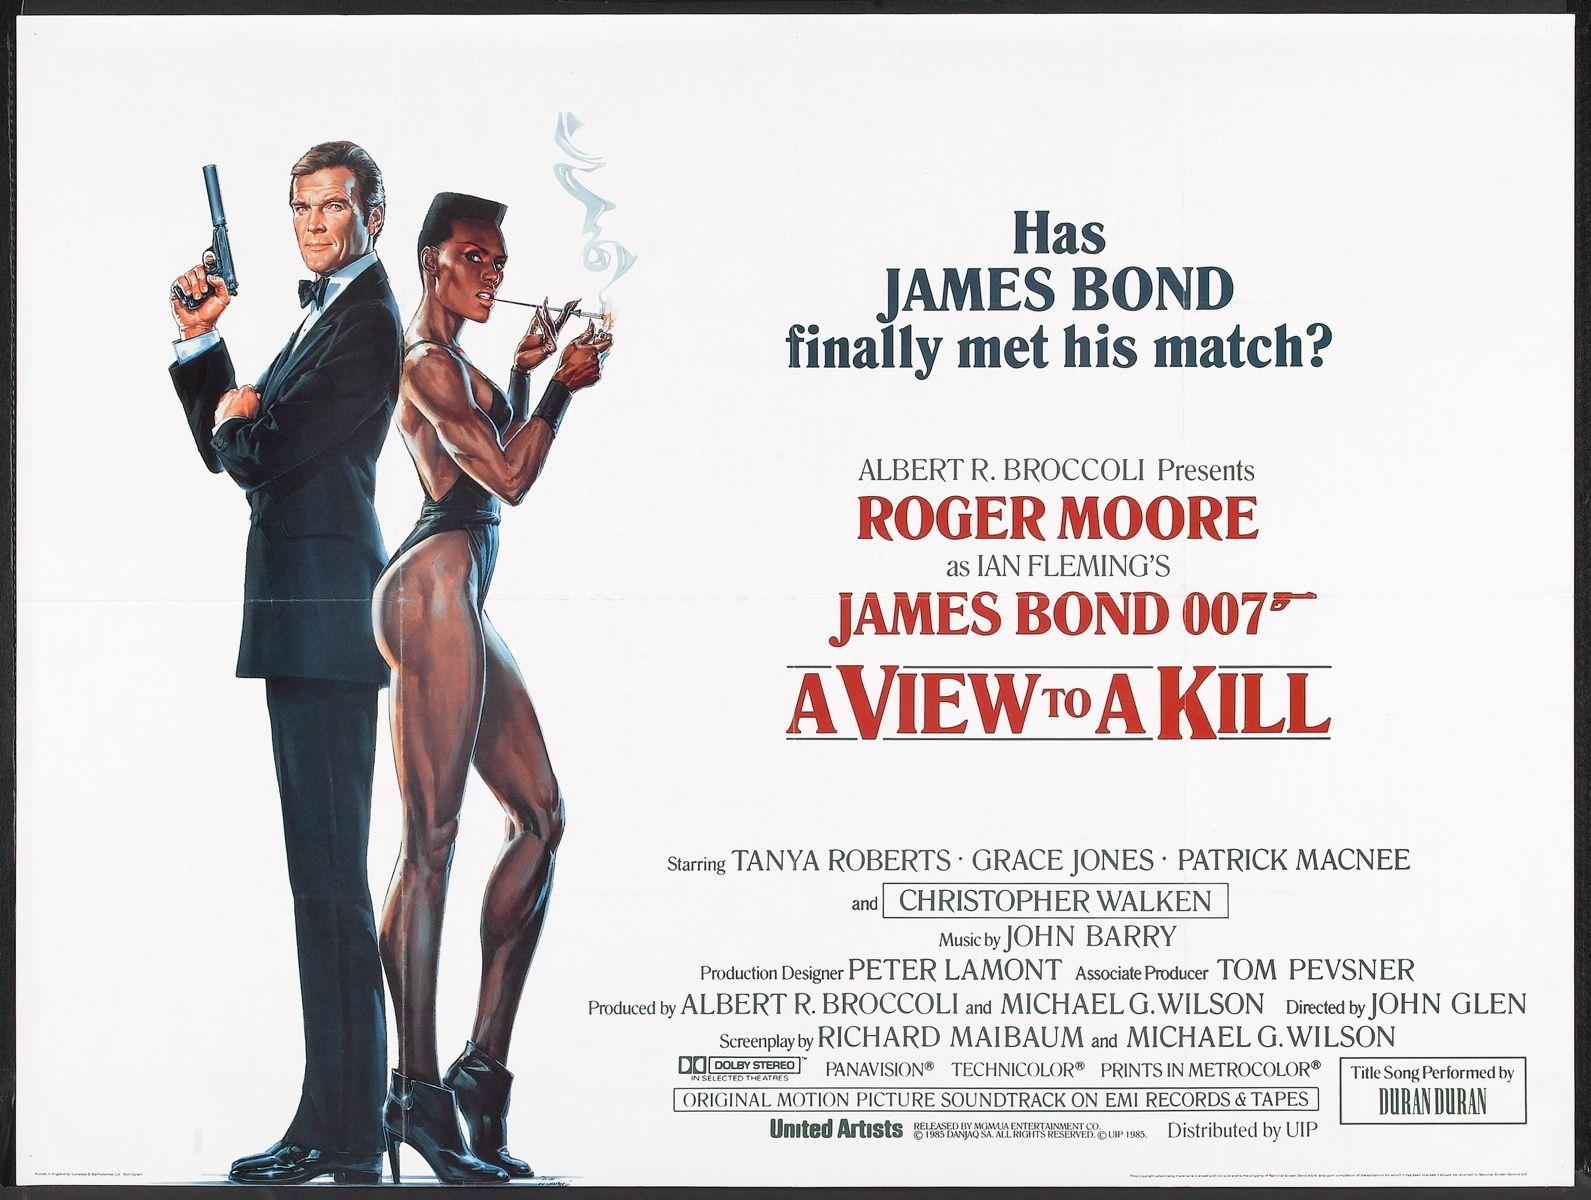 Dangereusement Votre A View To A Kill Est Un Film Anglo